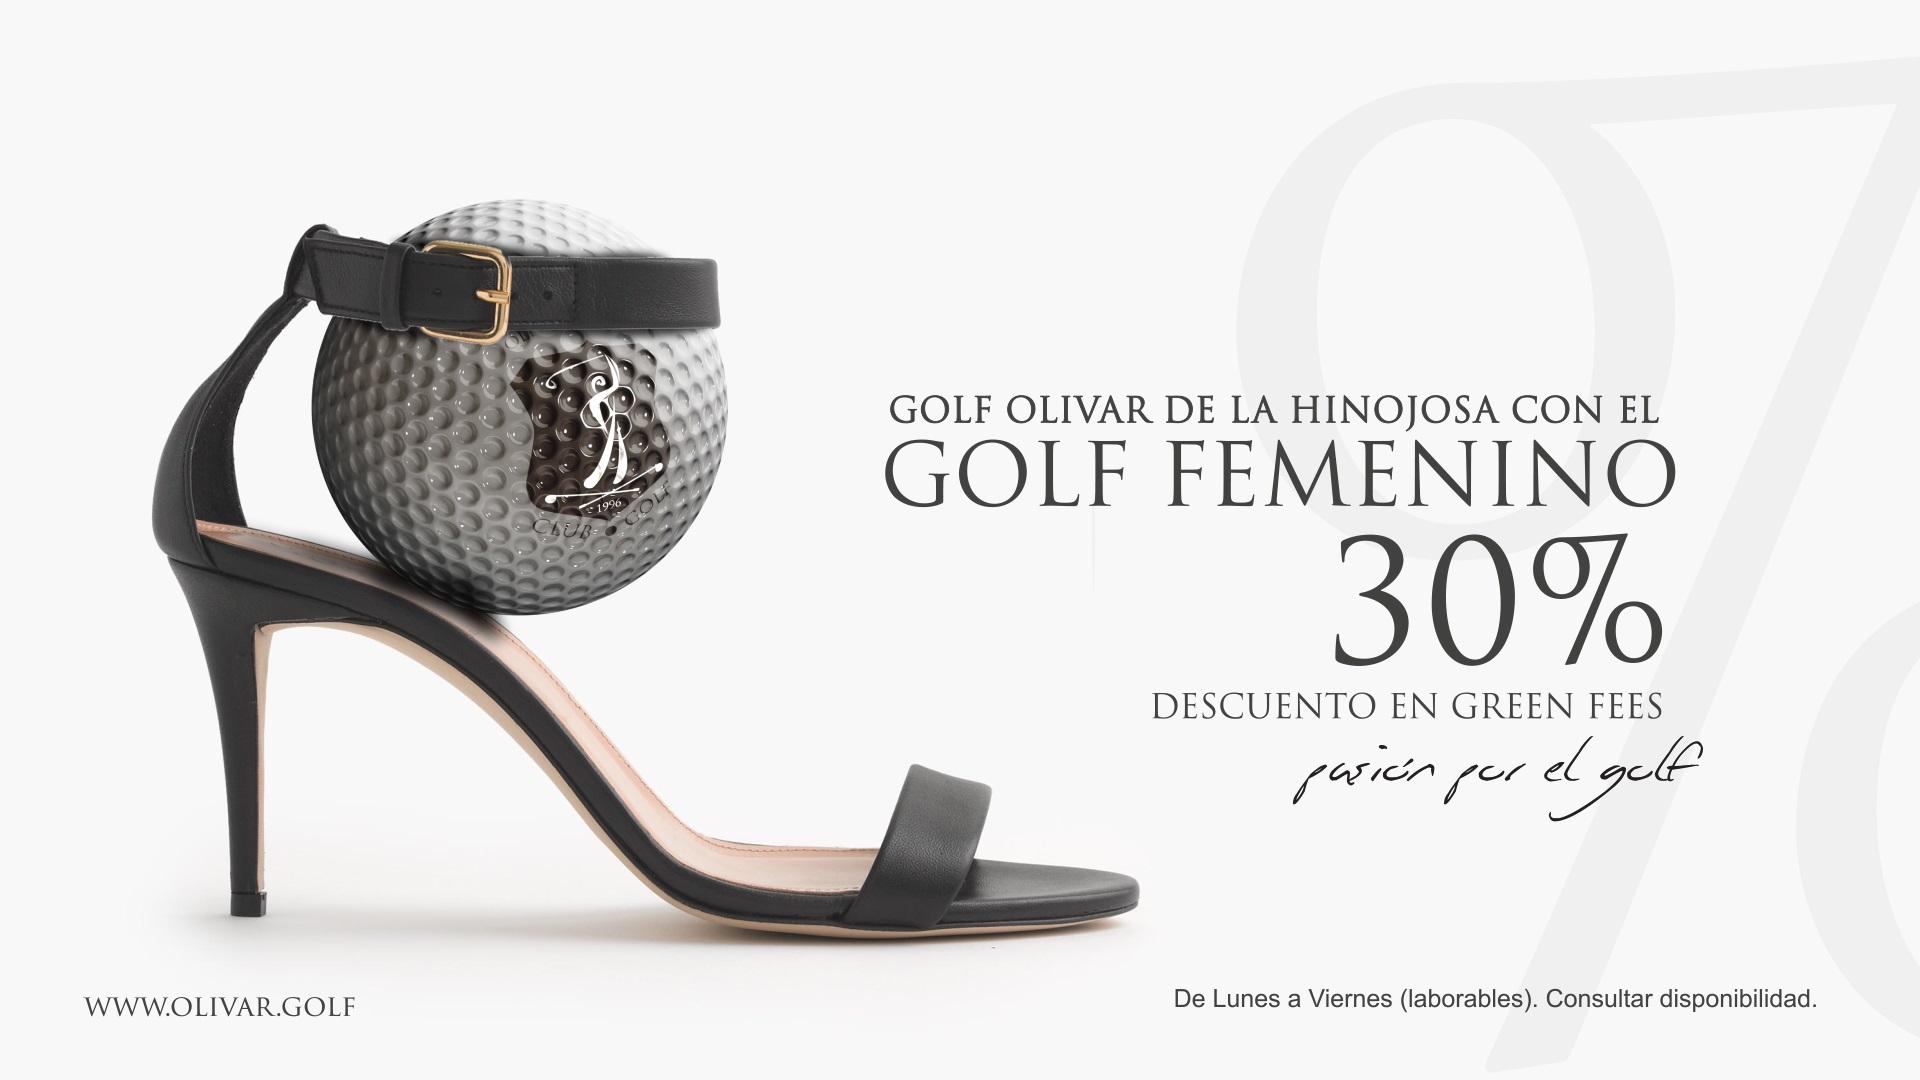 Golf Olivar JOaquin MOlpeceres Oferta golf femenino